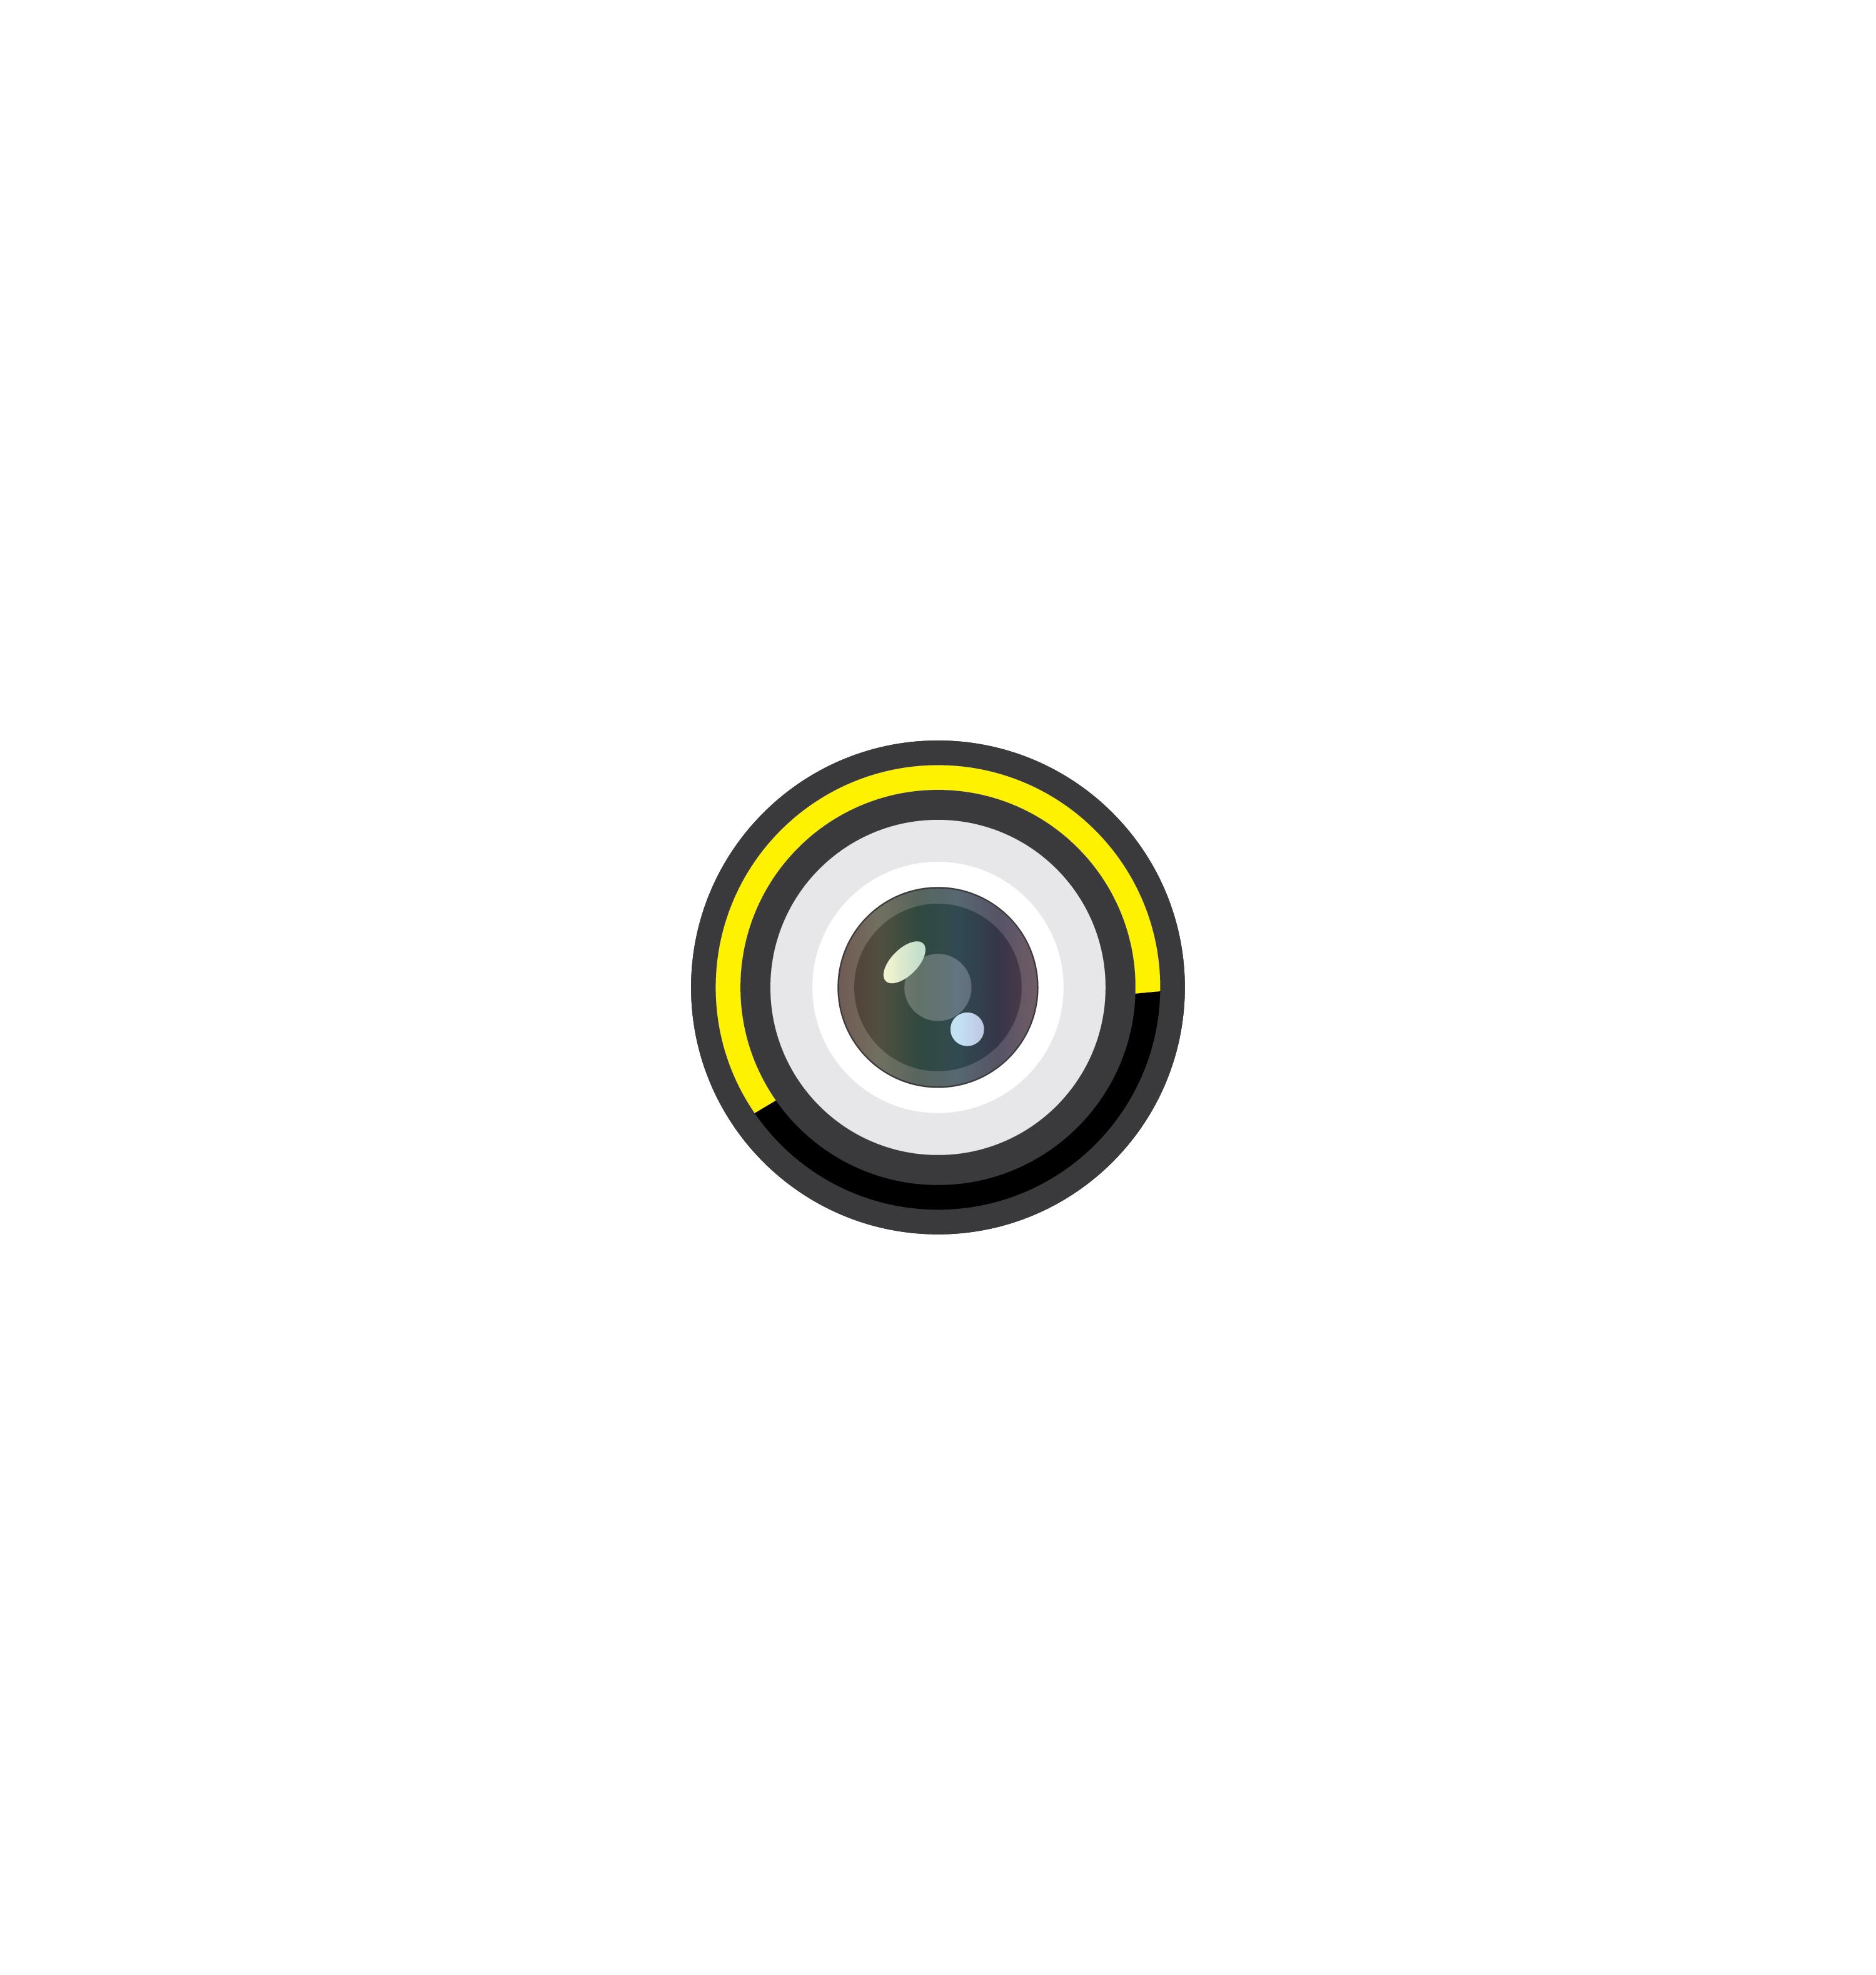 Camera icon vector 2